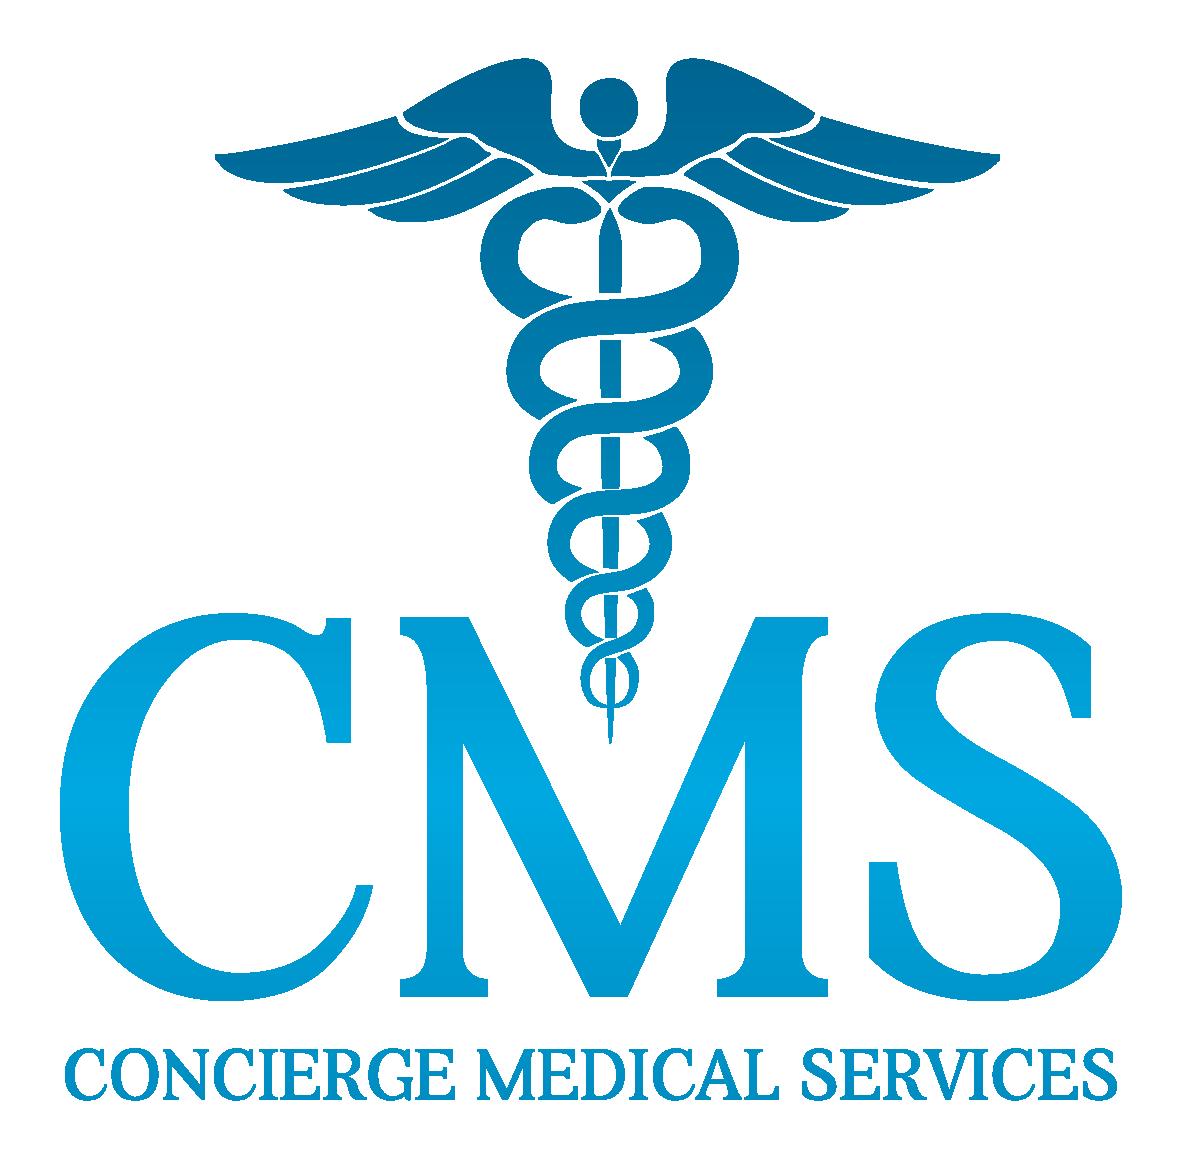 Online Doctor Visit - Concierge Medical Services